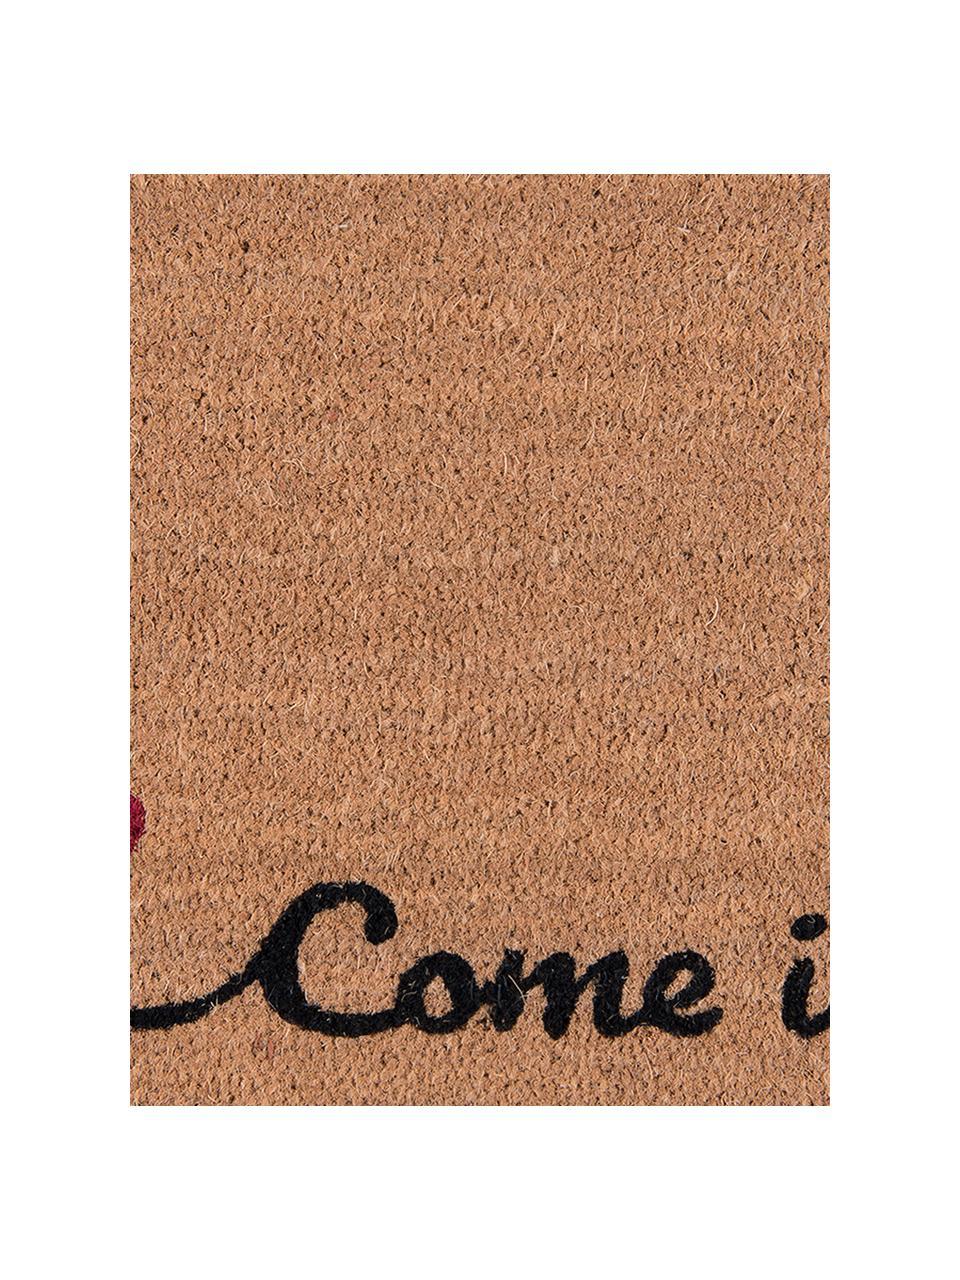 Fußmatte Come Inside, Oberseite: Kokosfaser, Unterseite: PVC, Braun, Schwarz, Rot, 45 x 75 cm